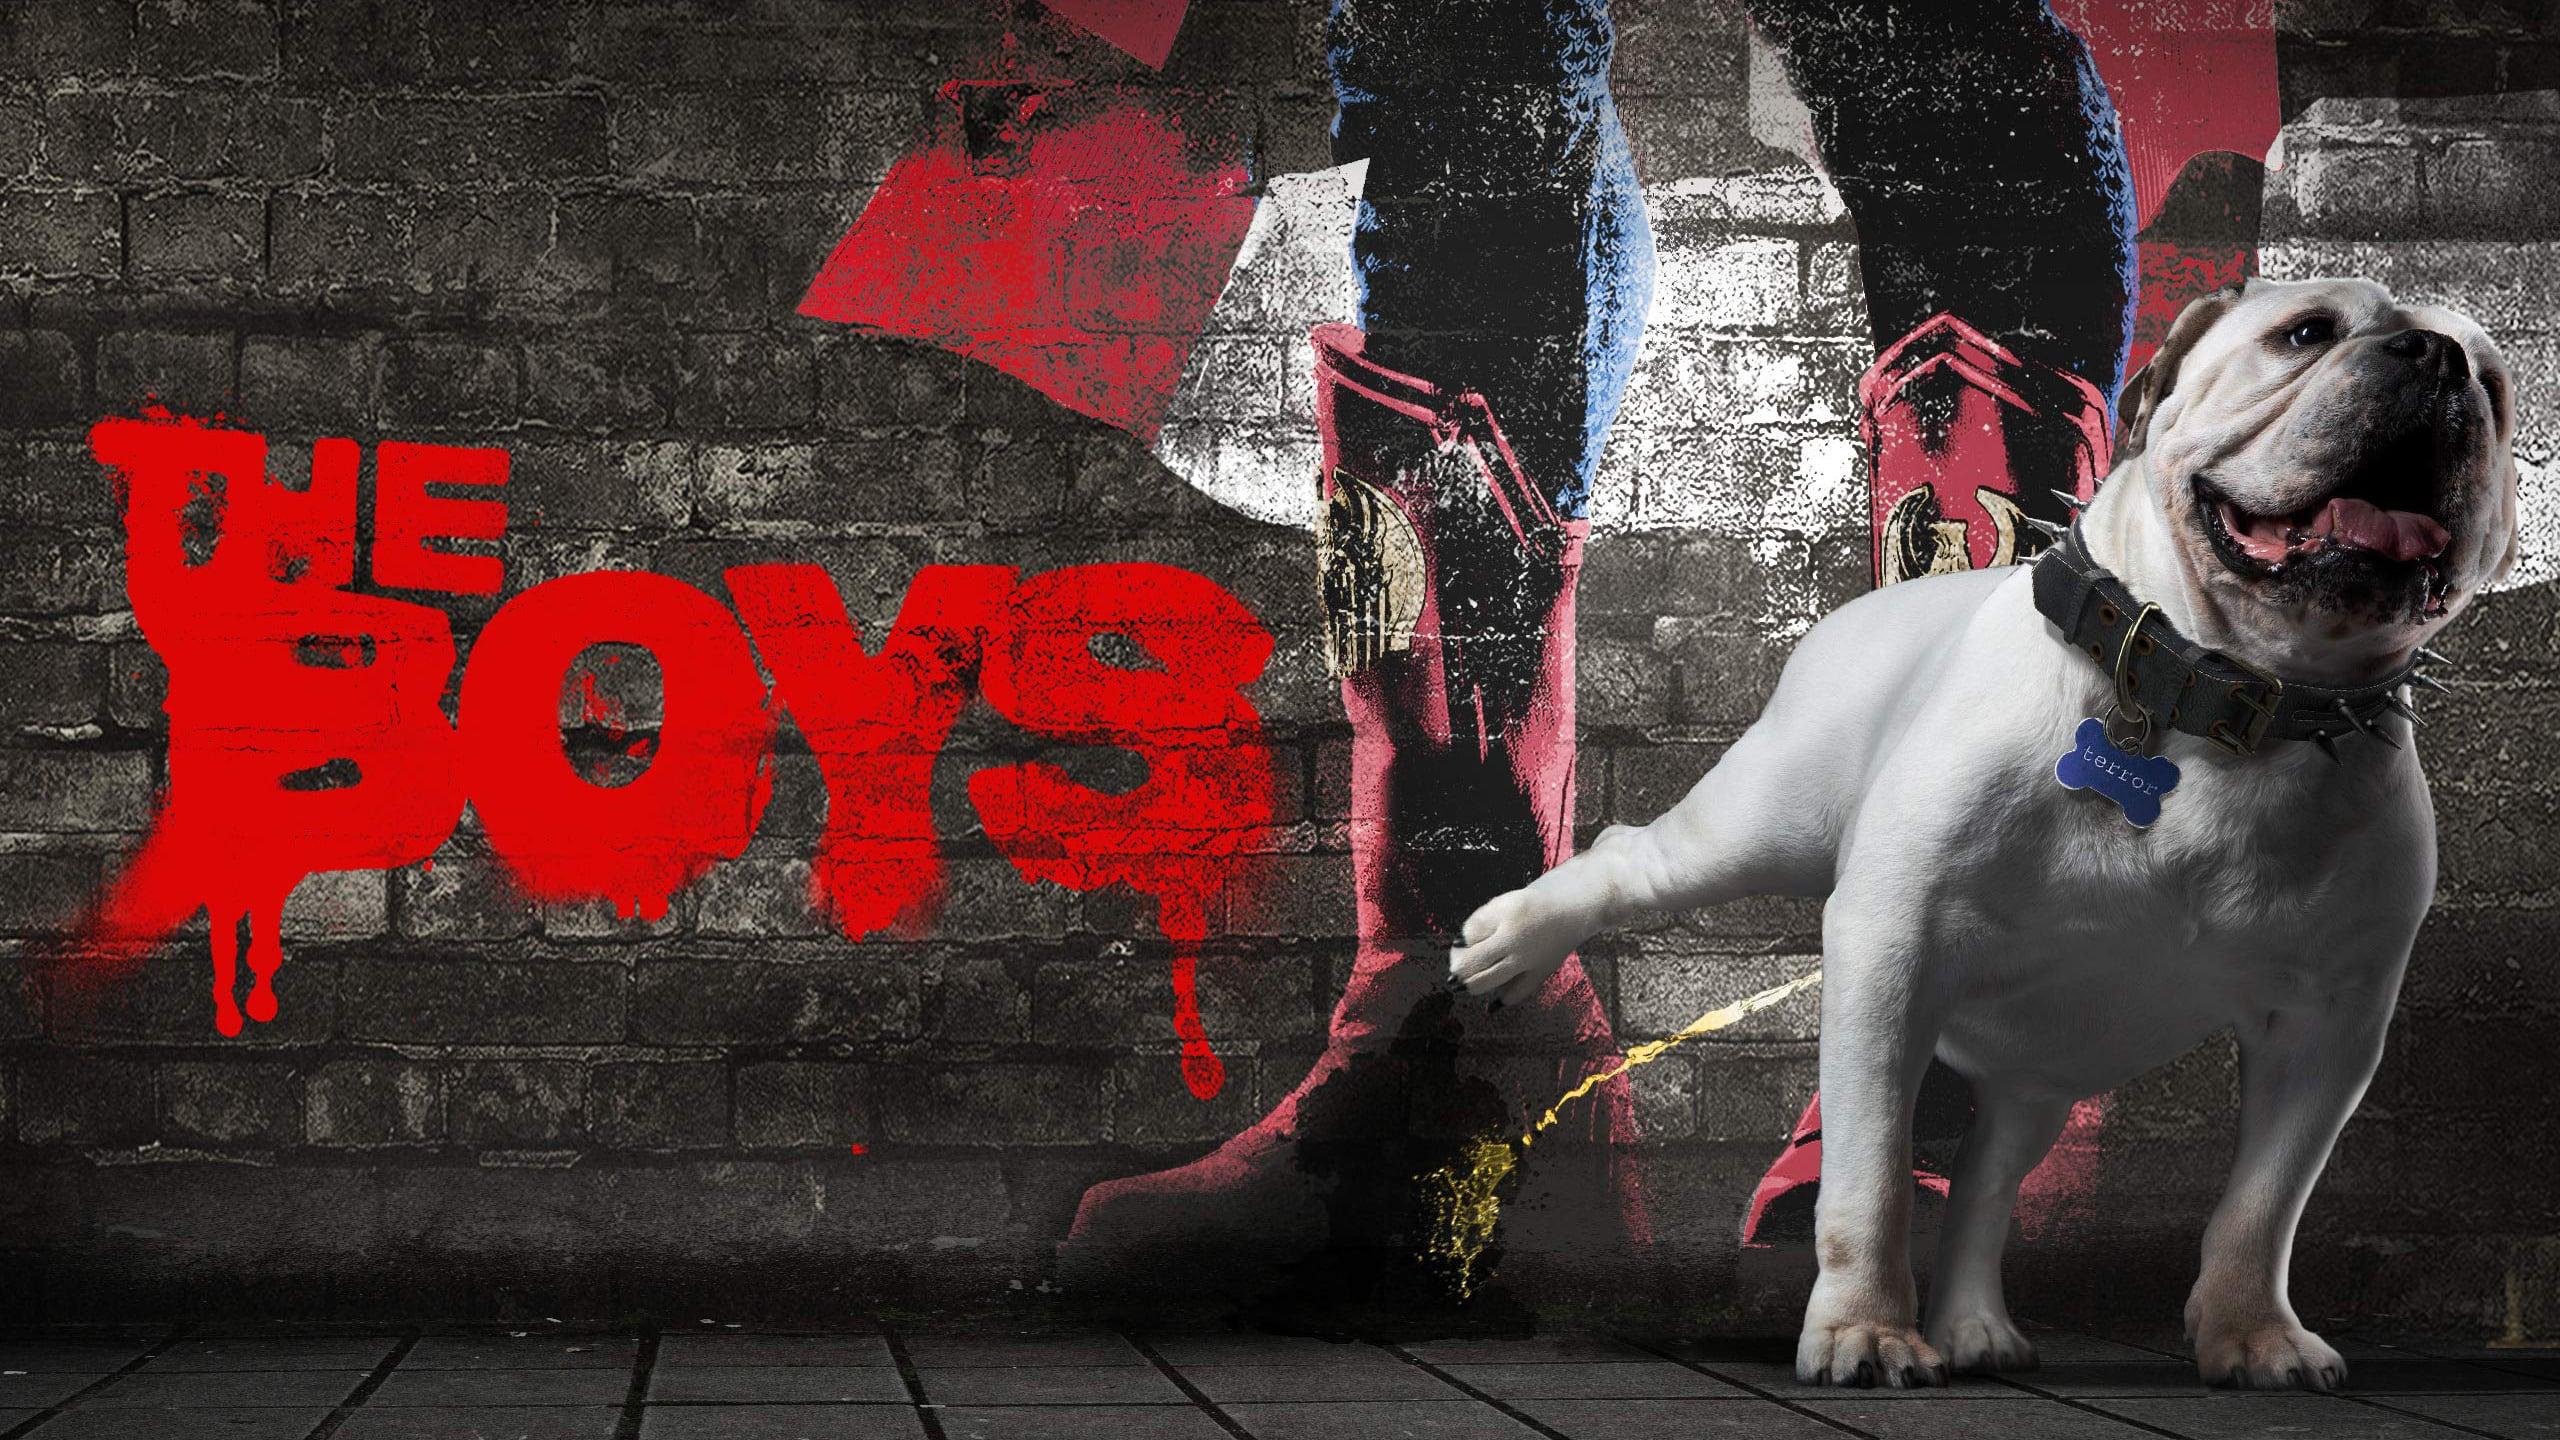 The Boys Season 2 Episode 6